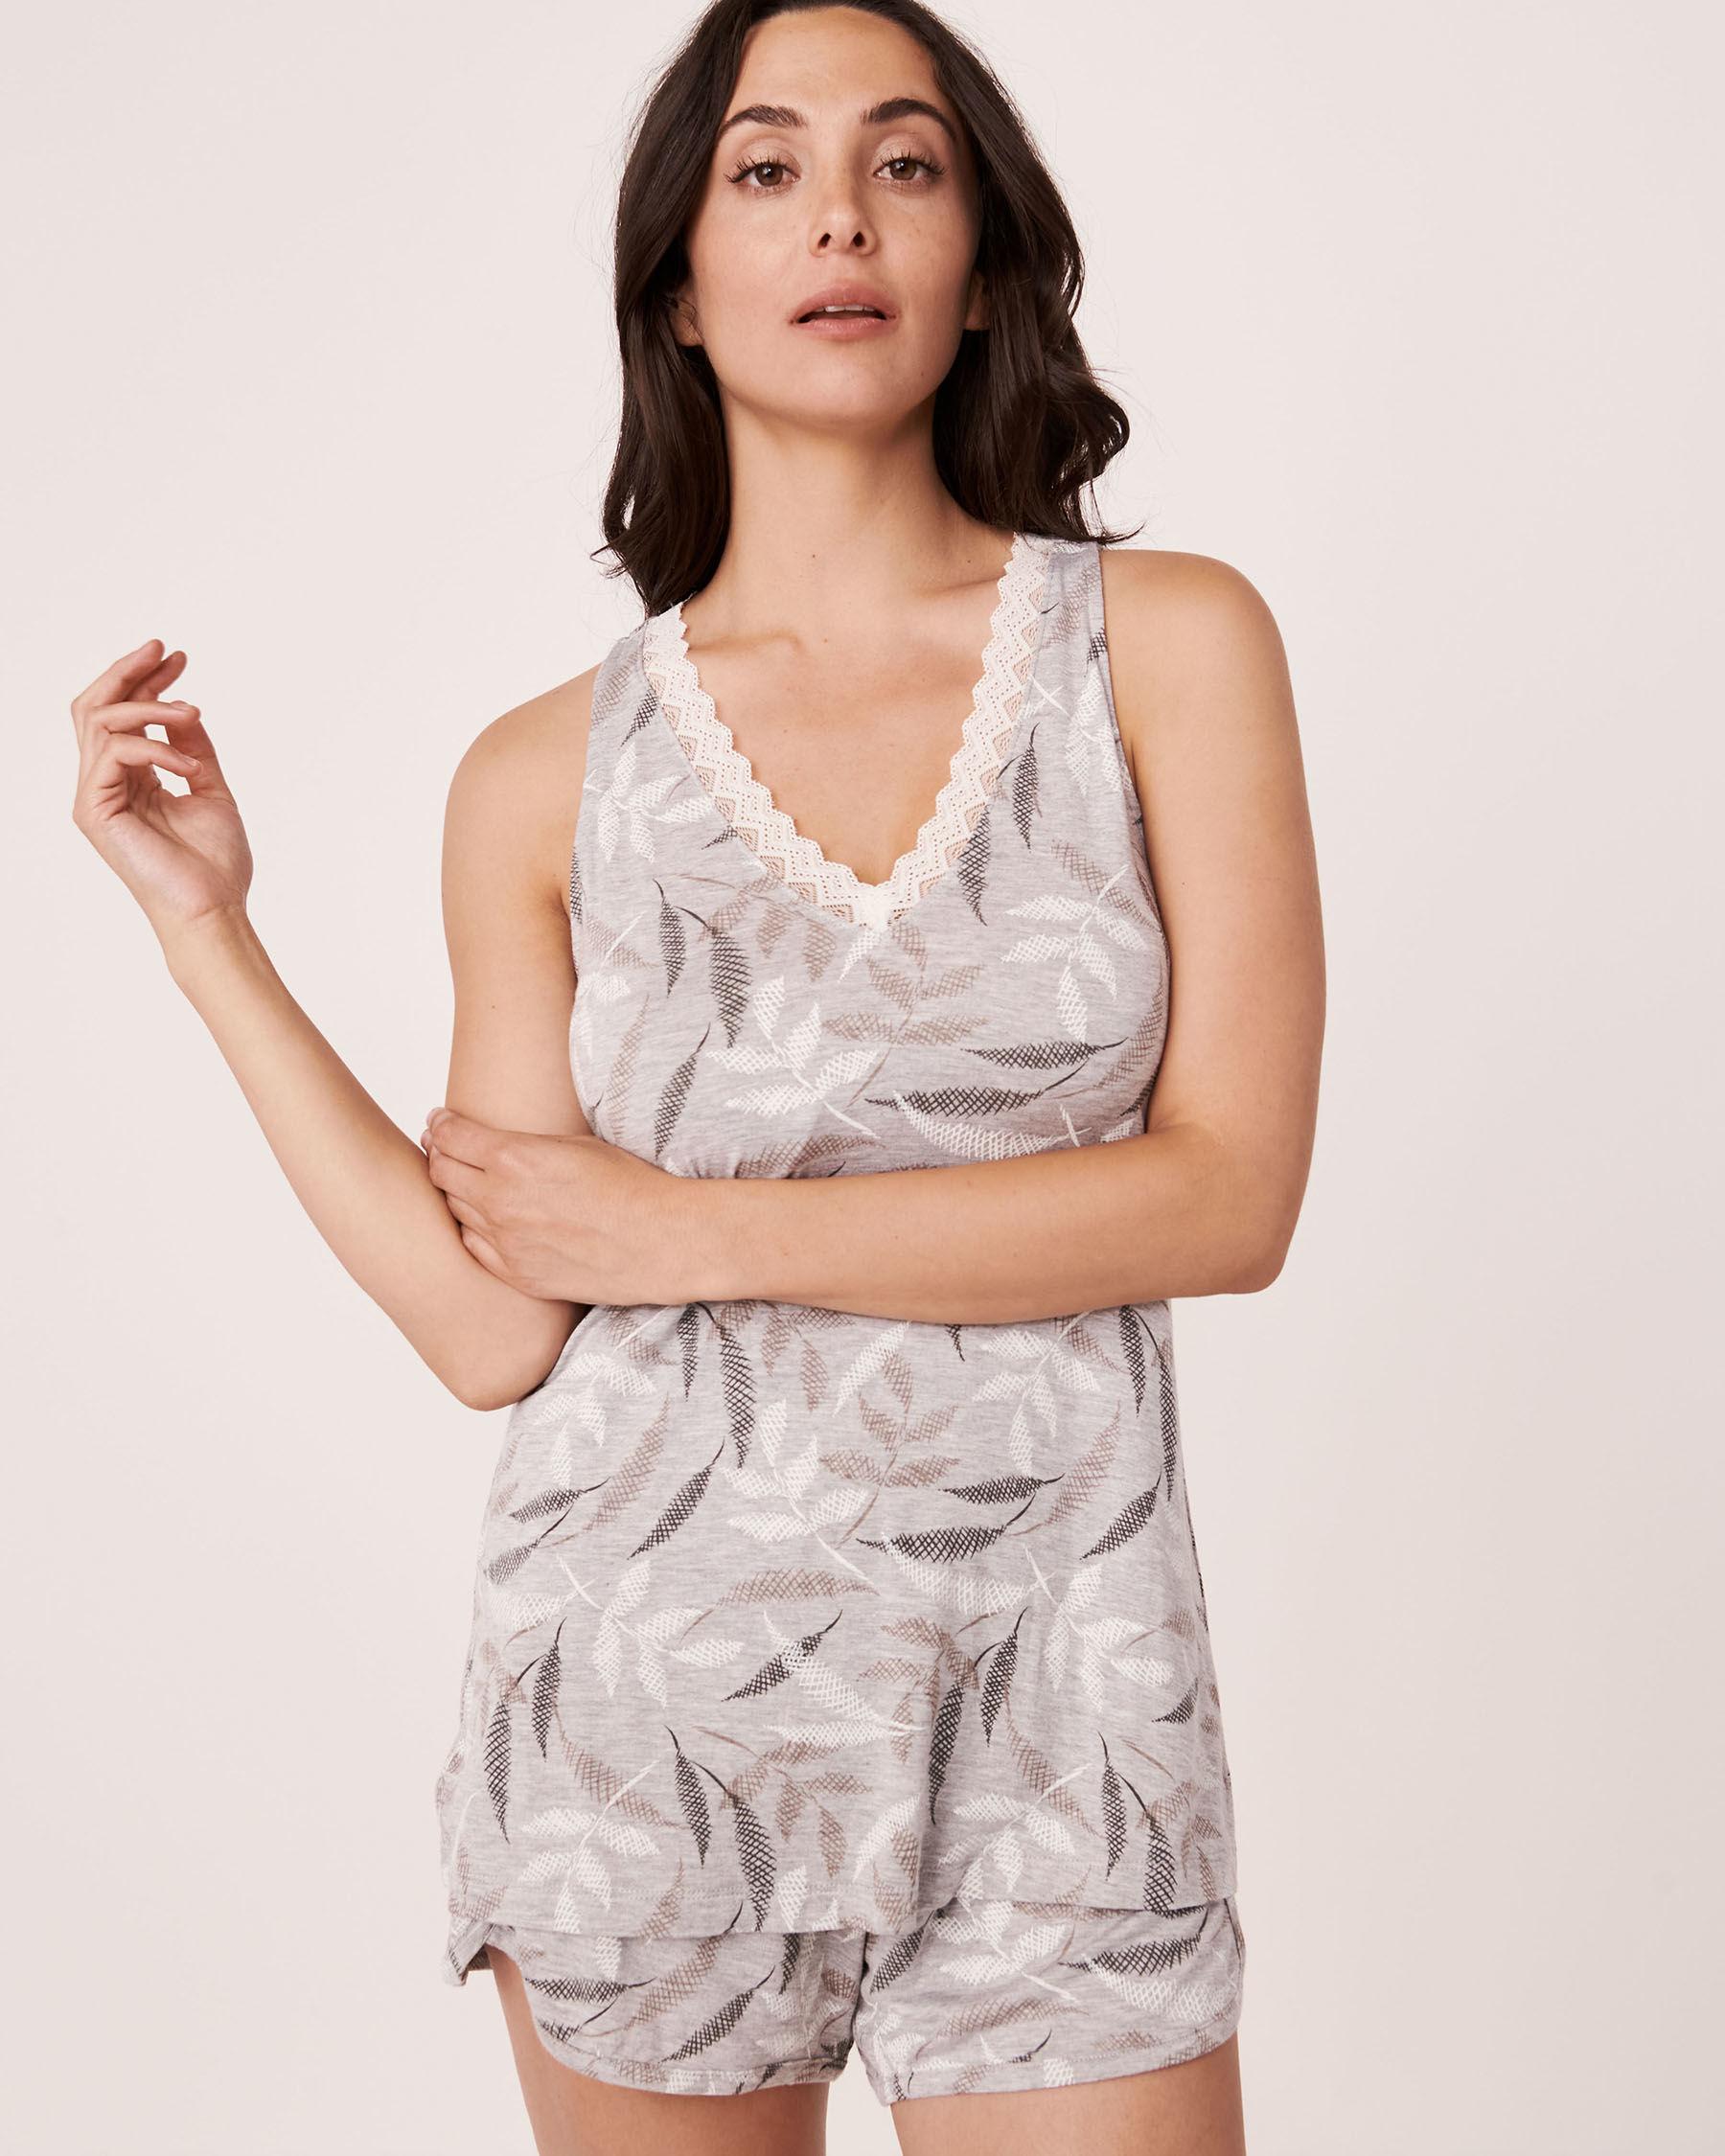 LA VIE EN ROSE Camisole encolure en V garniture de dentelle Feuilles abstraites 40100175 - Voir1